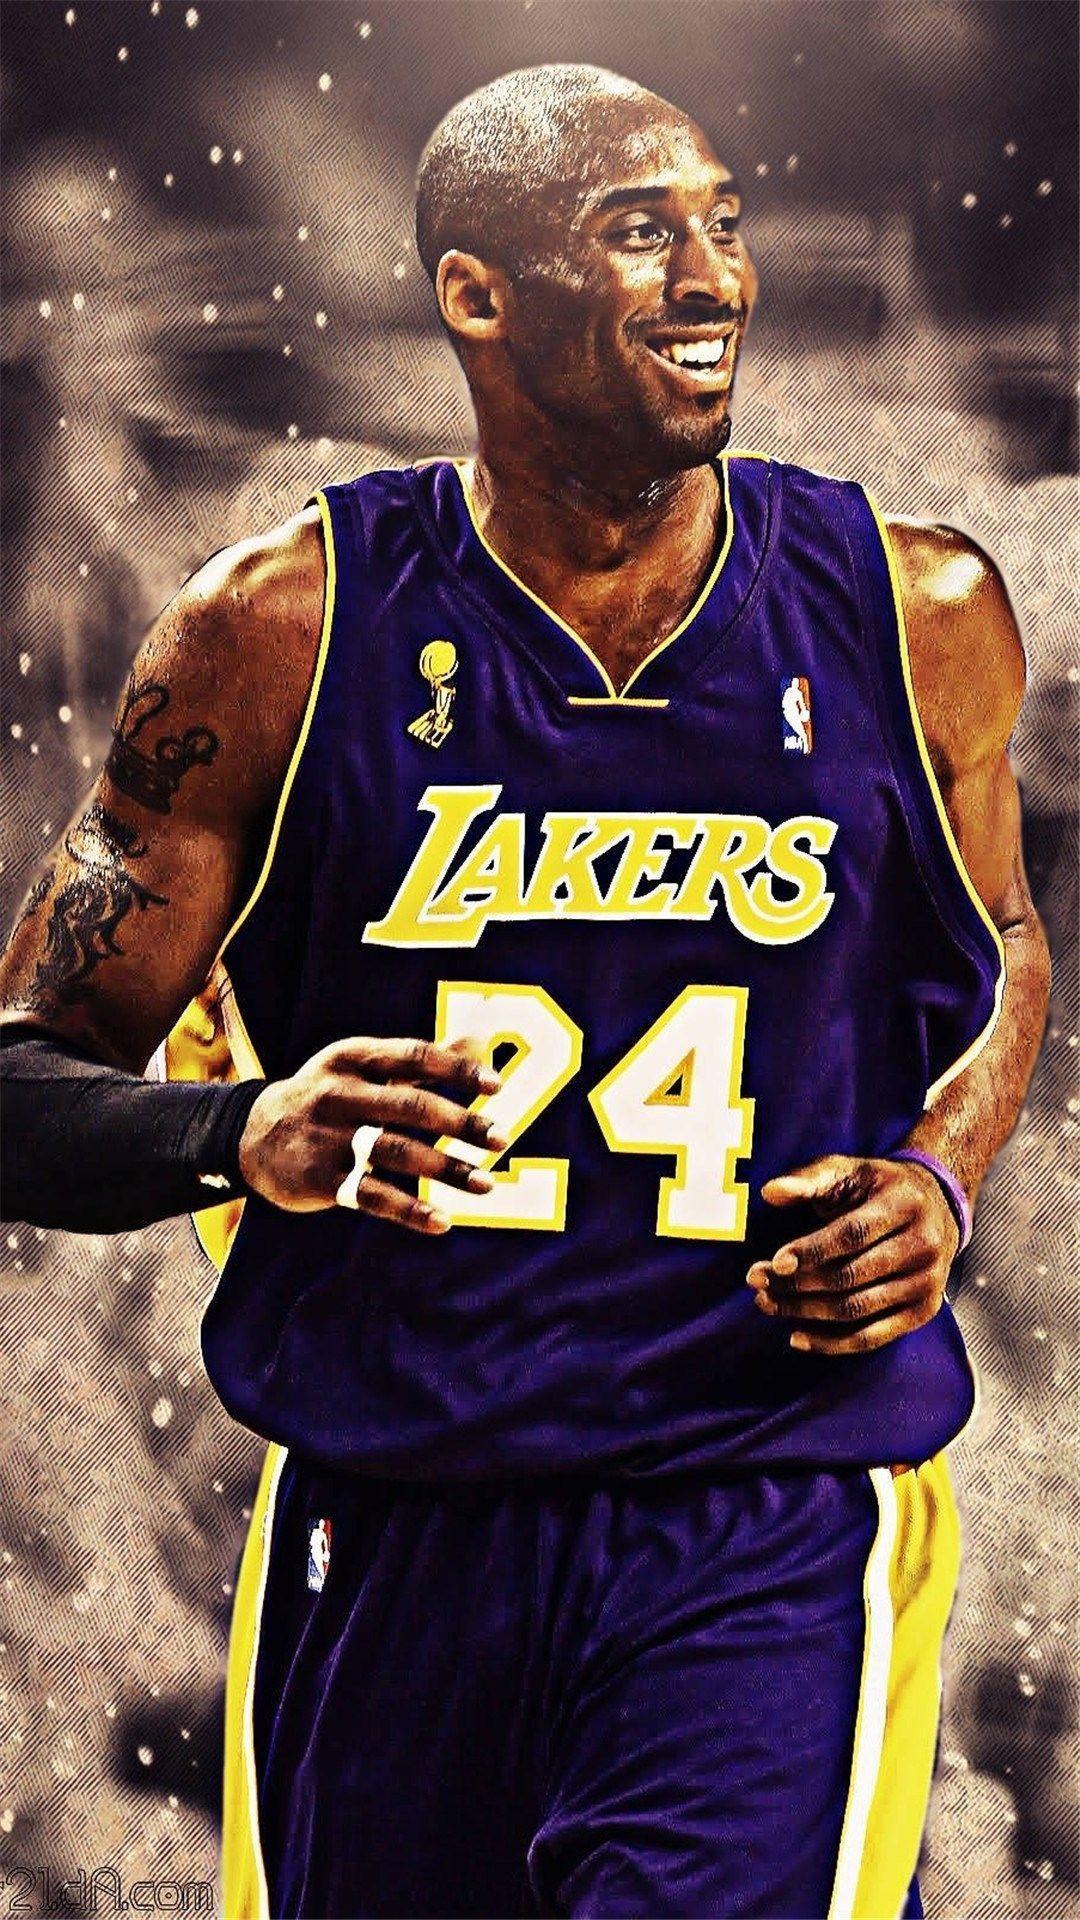 Lakers 24 Kobe Bryant In 2020 Kobe Bryant Poster Kobe Bryant Pictures Lakers Kobe Bryant